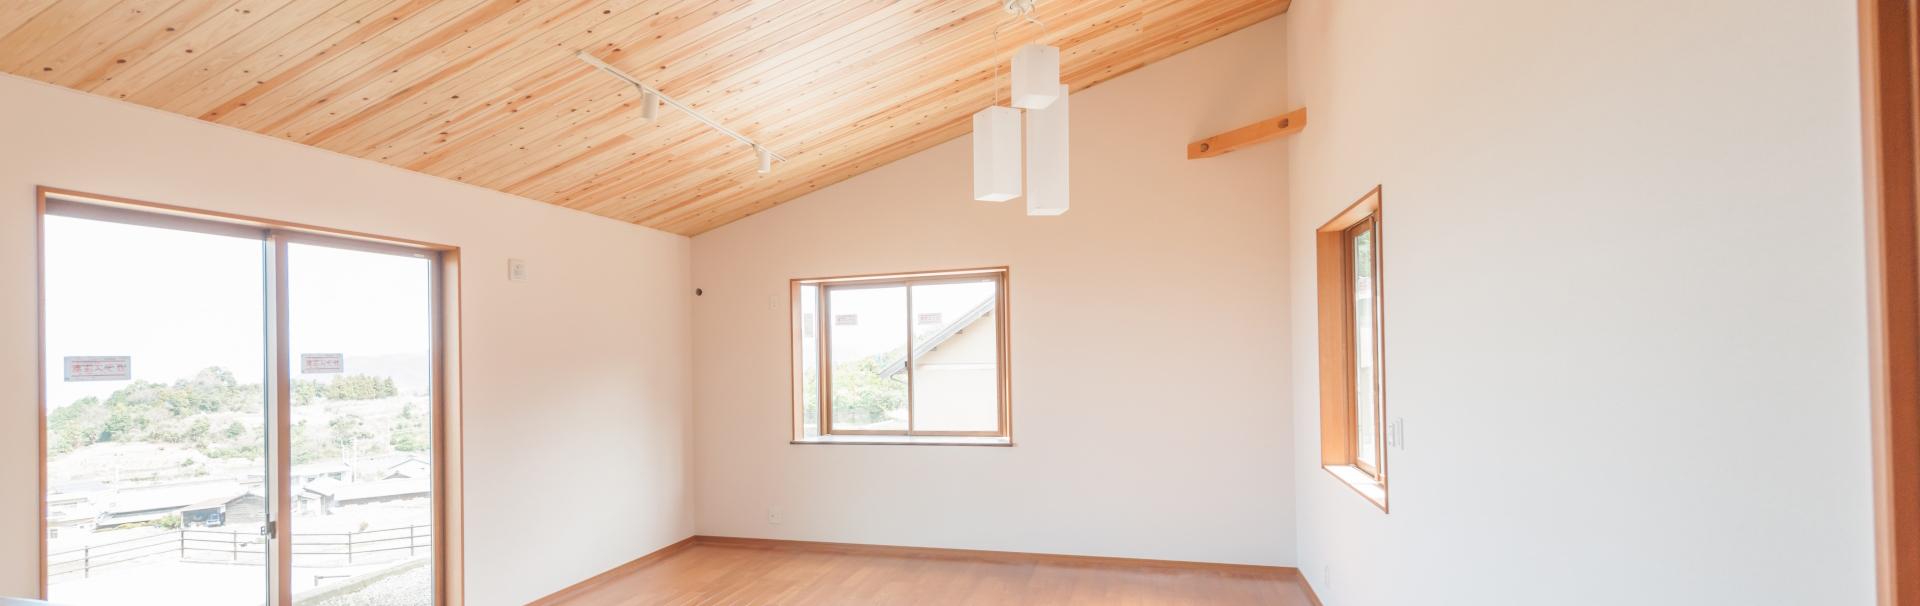 住宅リフォーム・店舗建築は石川建設産業